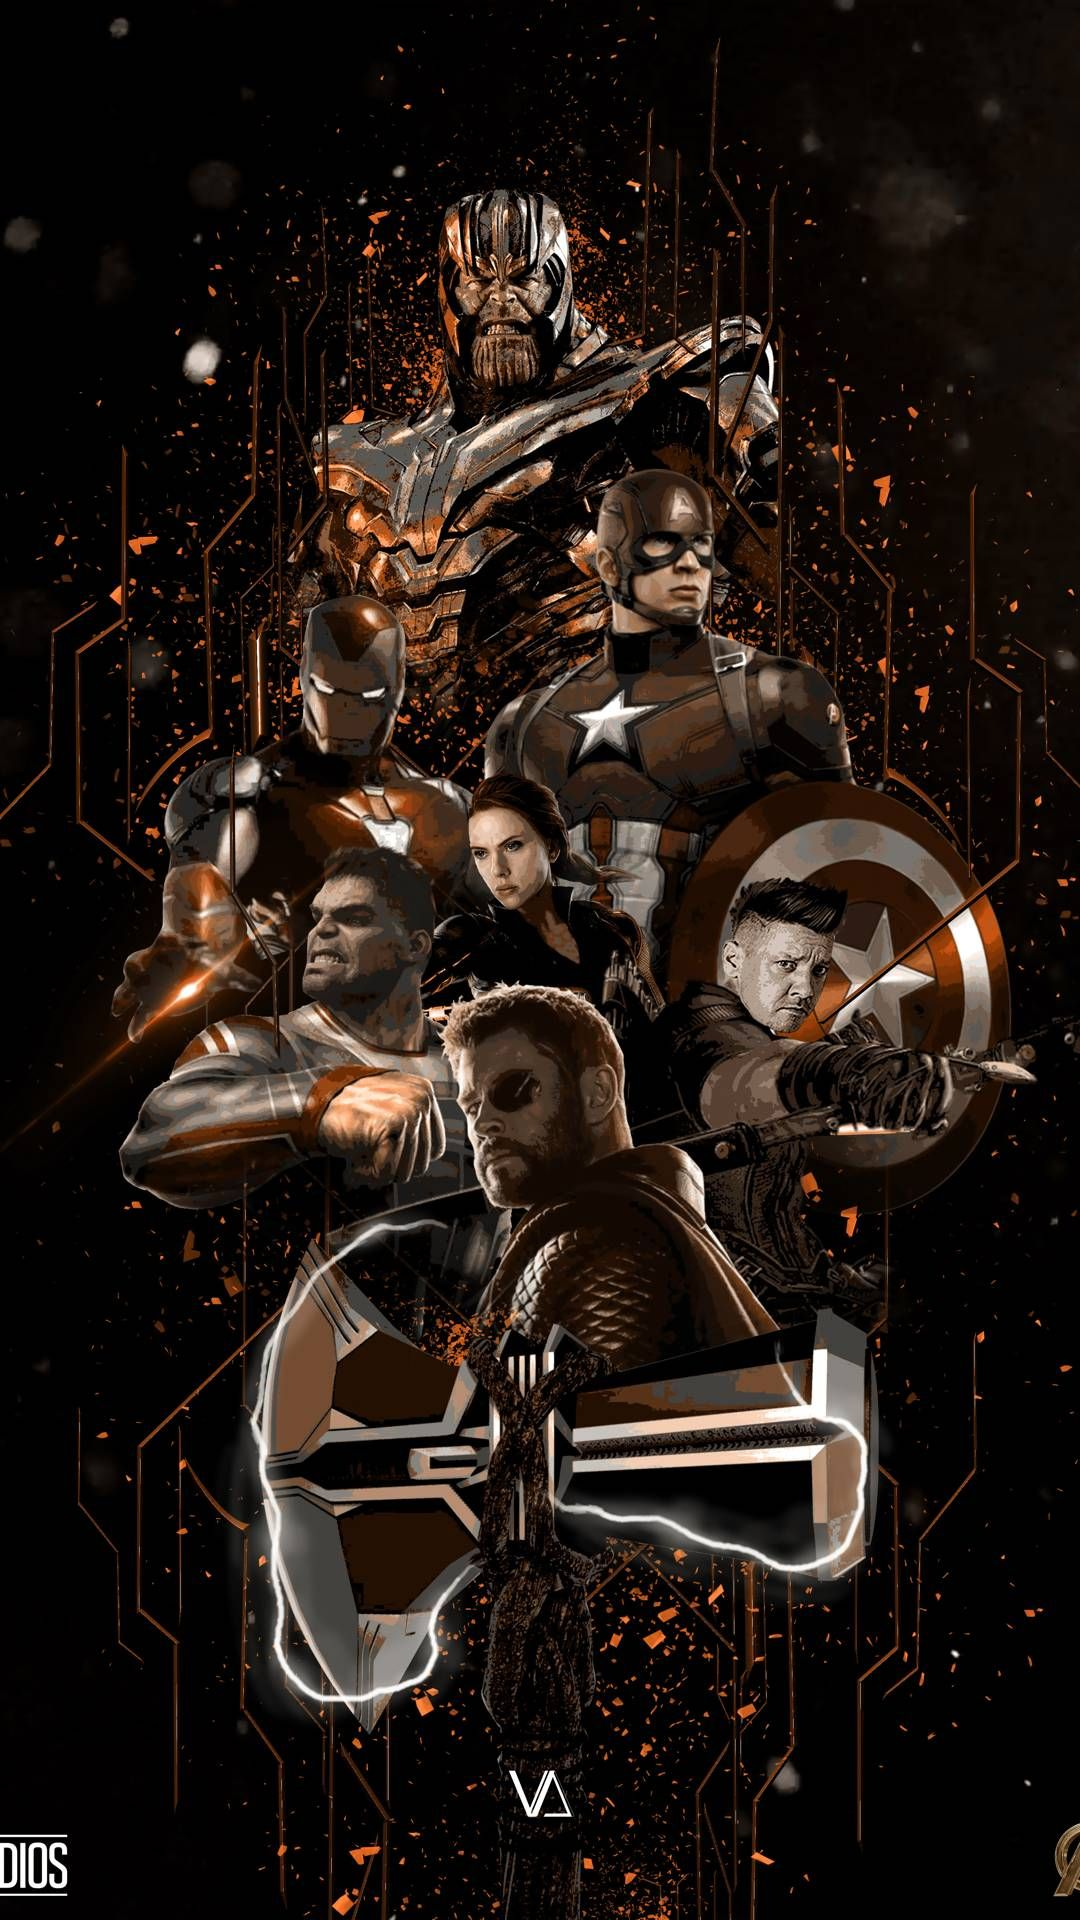 Pin by Skjetly on Epic Avengers wallpaper, Marvel wallpaper